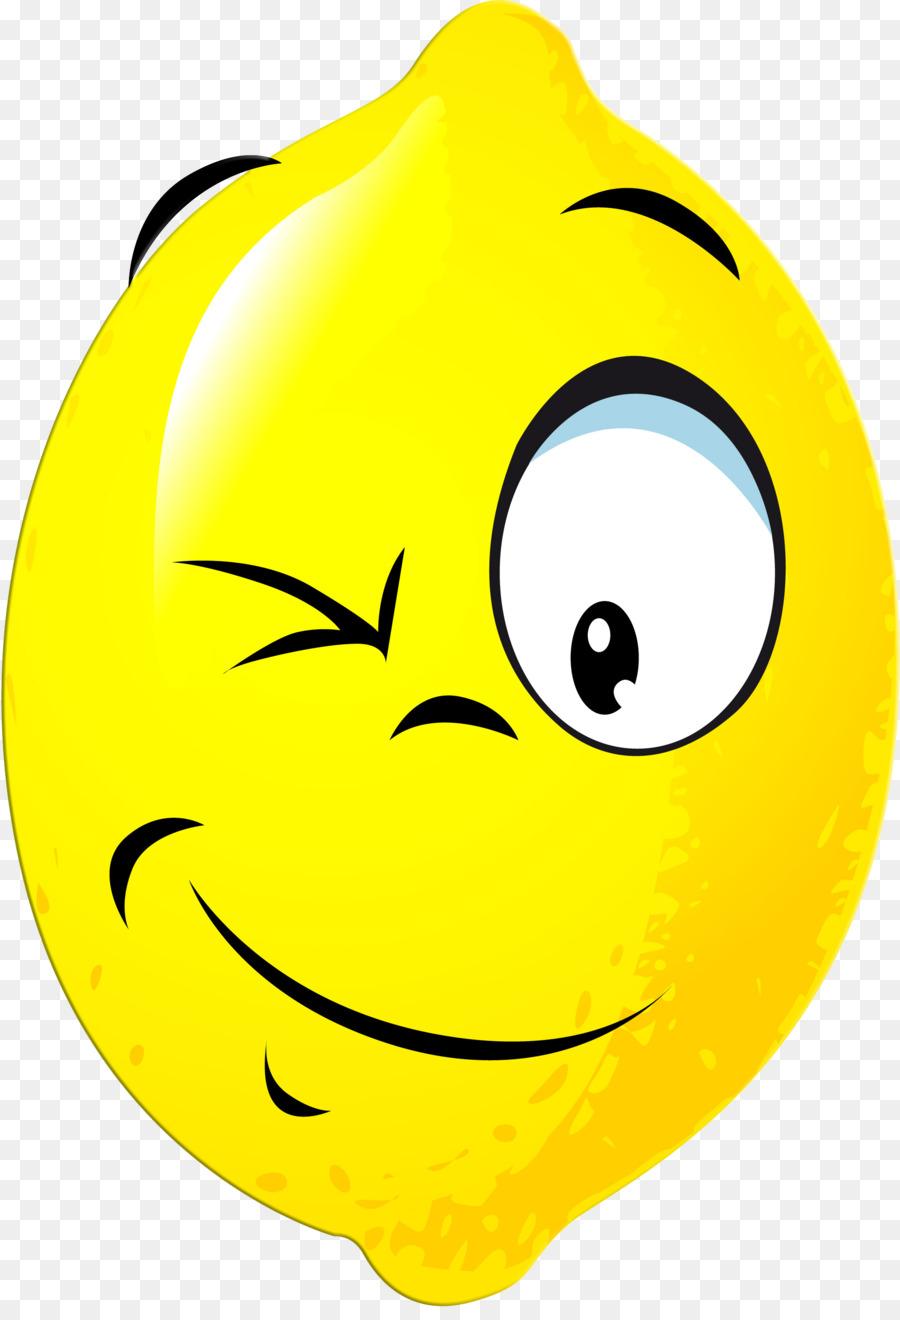 Картинки веселый лимон, удивить открыткой поздравительная